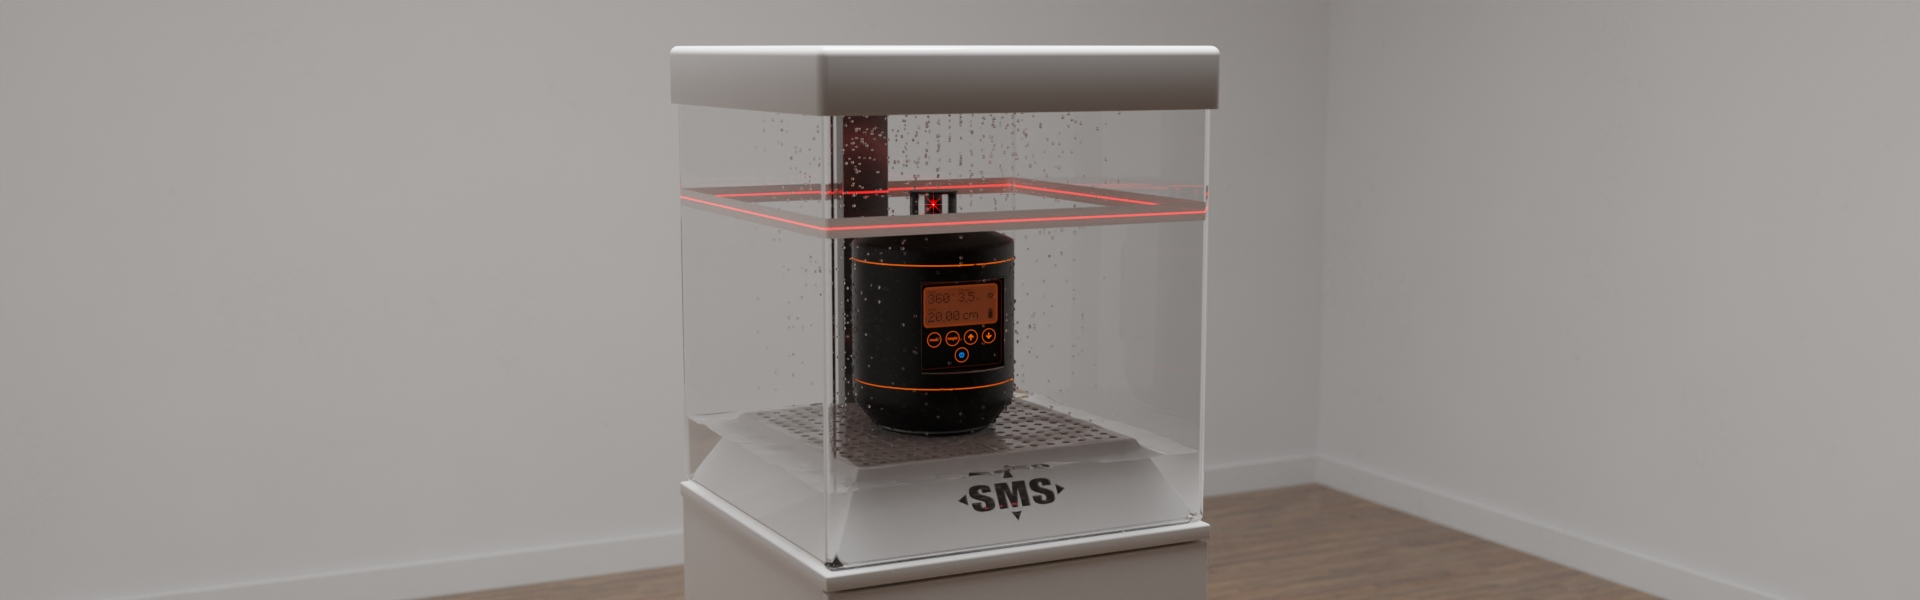 Sonderanfertigung eines funktionellen Displays für ein Laser-Meßgerät, Bild 4